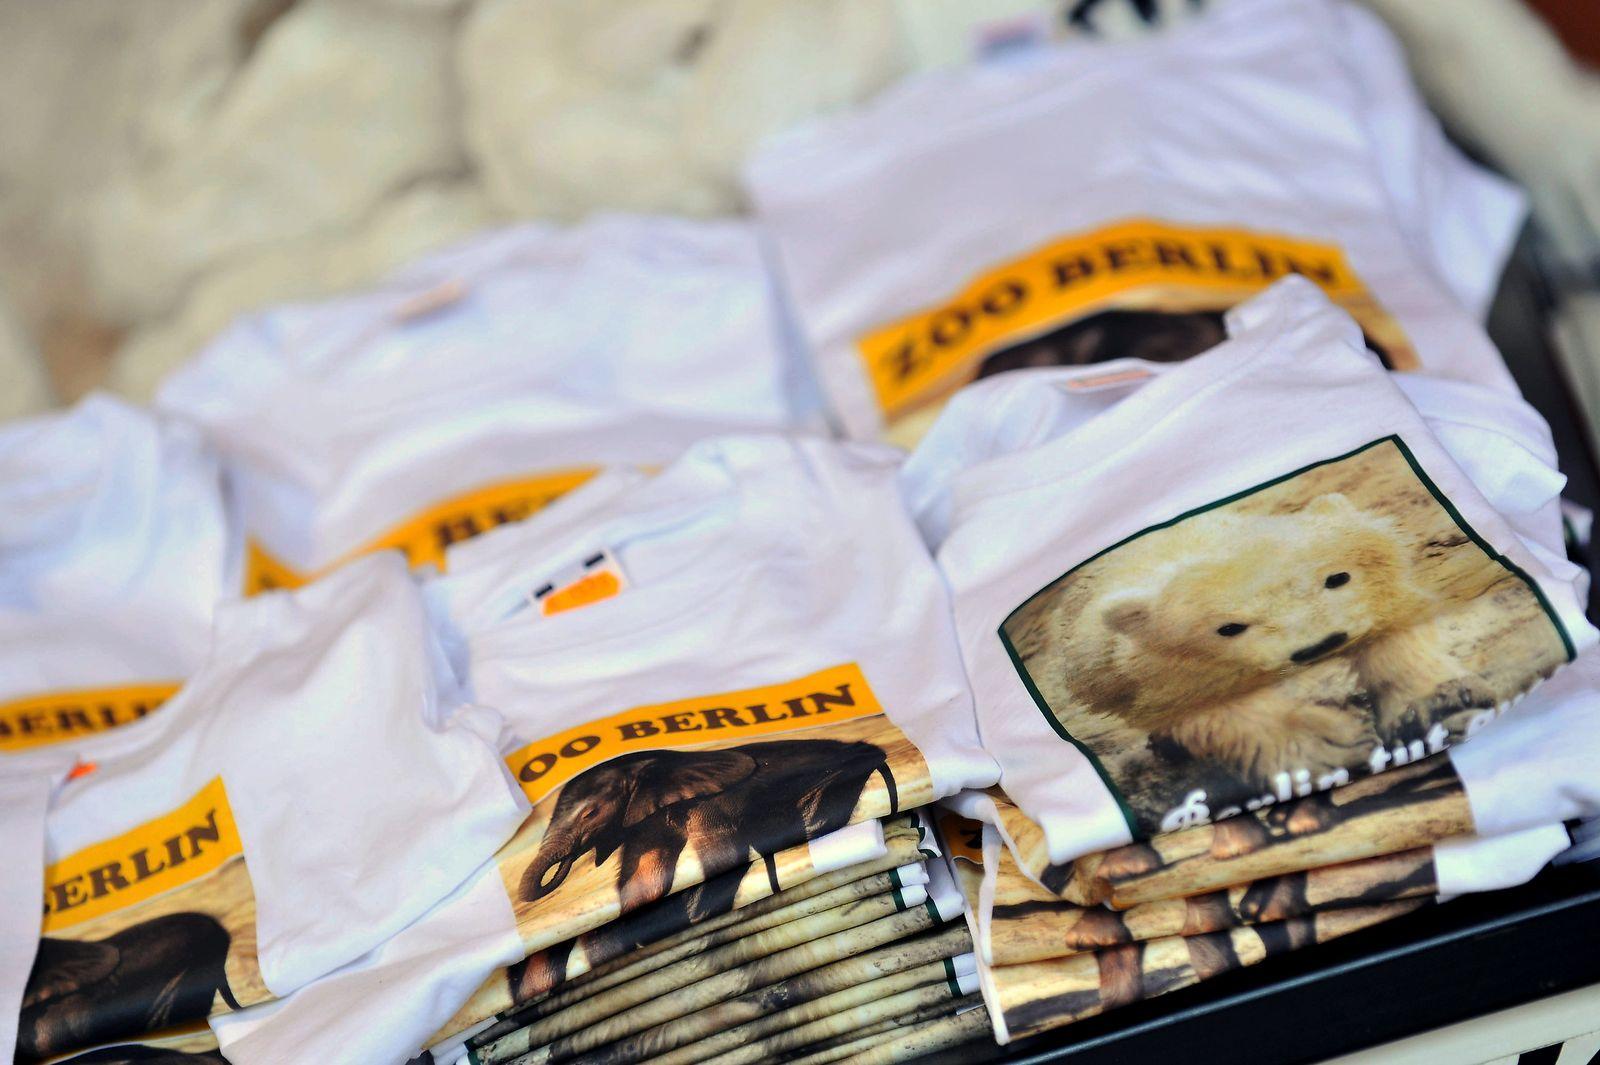 Eisbär Knut vor Gericht - Streit um Markenrechte